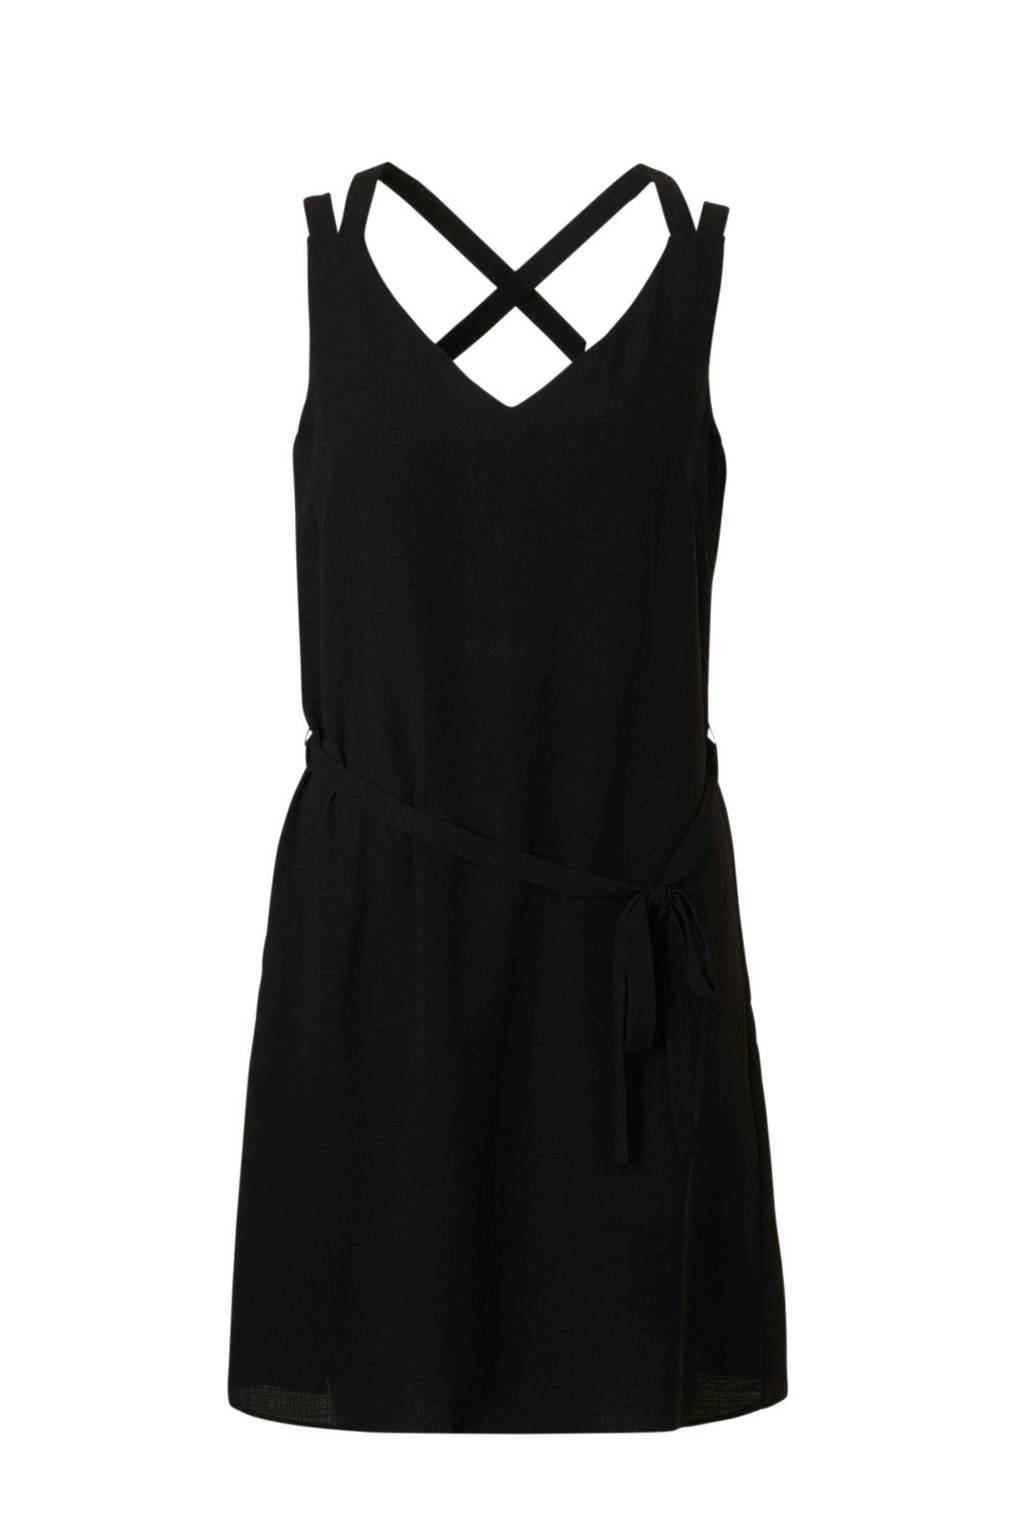 C&A Yessica A-lijn jurk zwart, Zwart